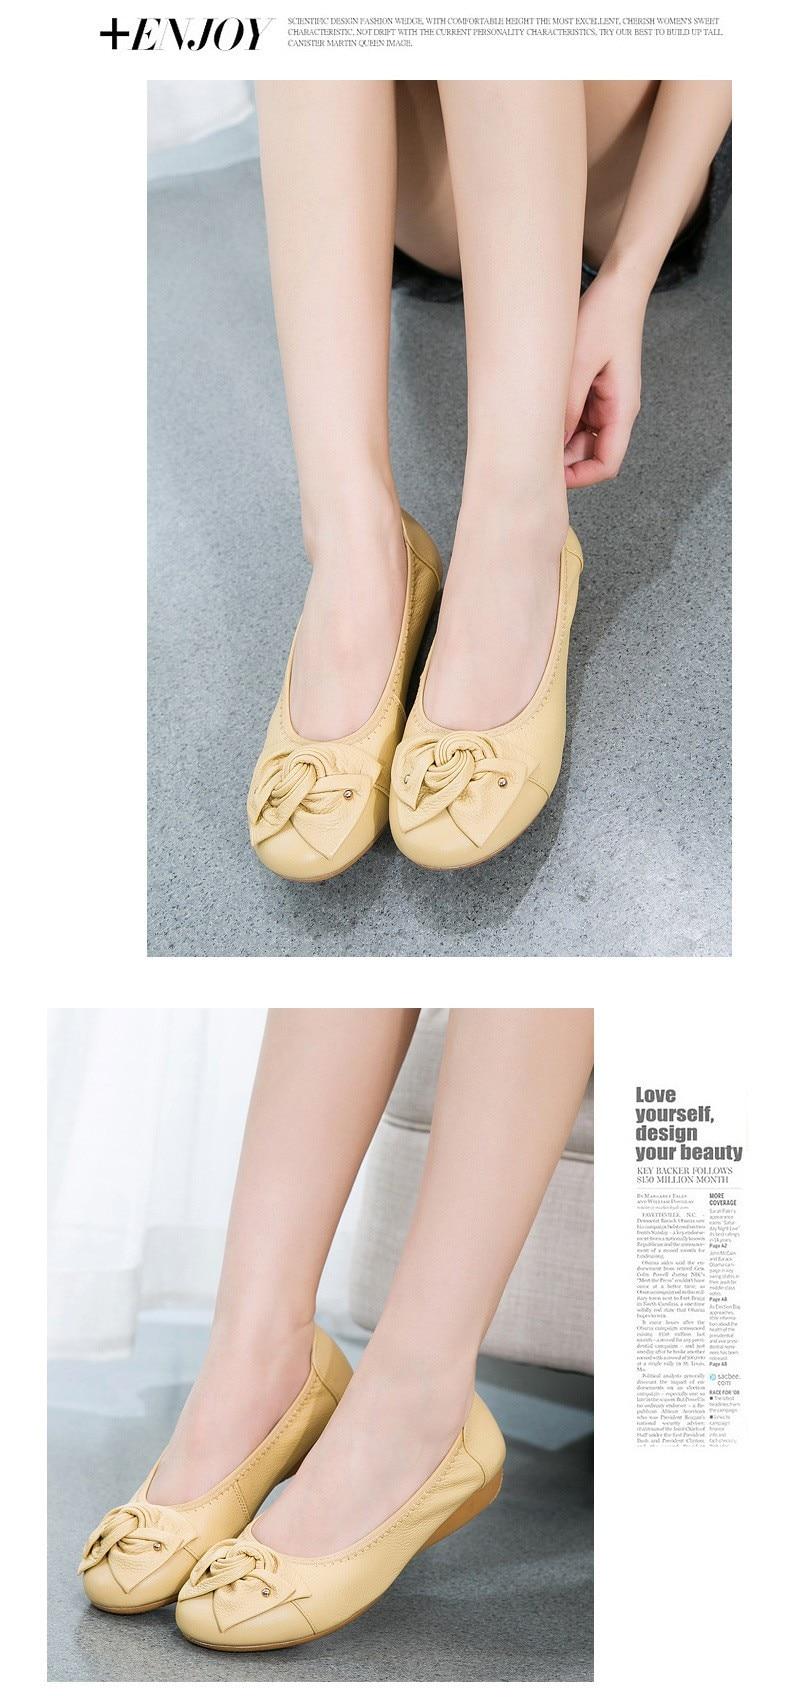 Spring Autumn Genuine Leather Shoes HTB1uS3qJVXXXXcZXXXXq6xXFXXXX